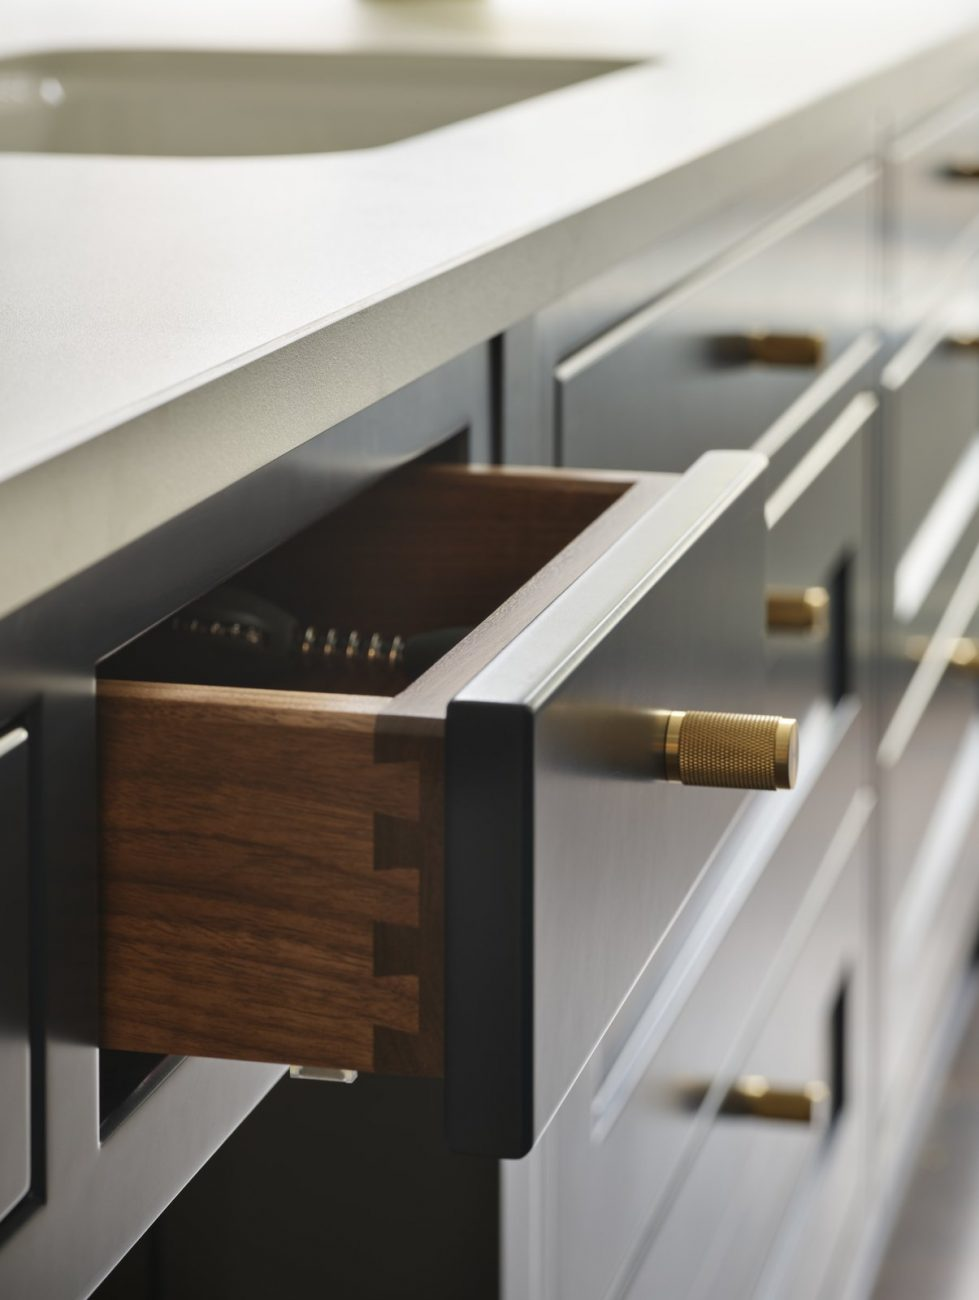 Brass handle on blue kitchen drawer